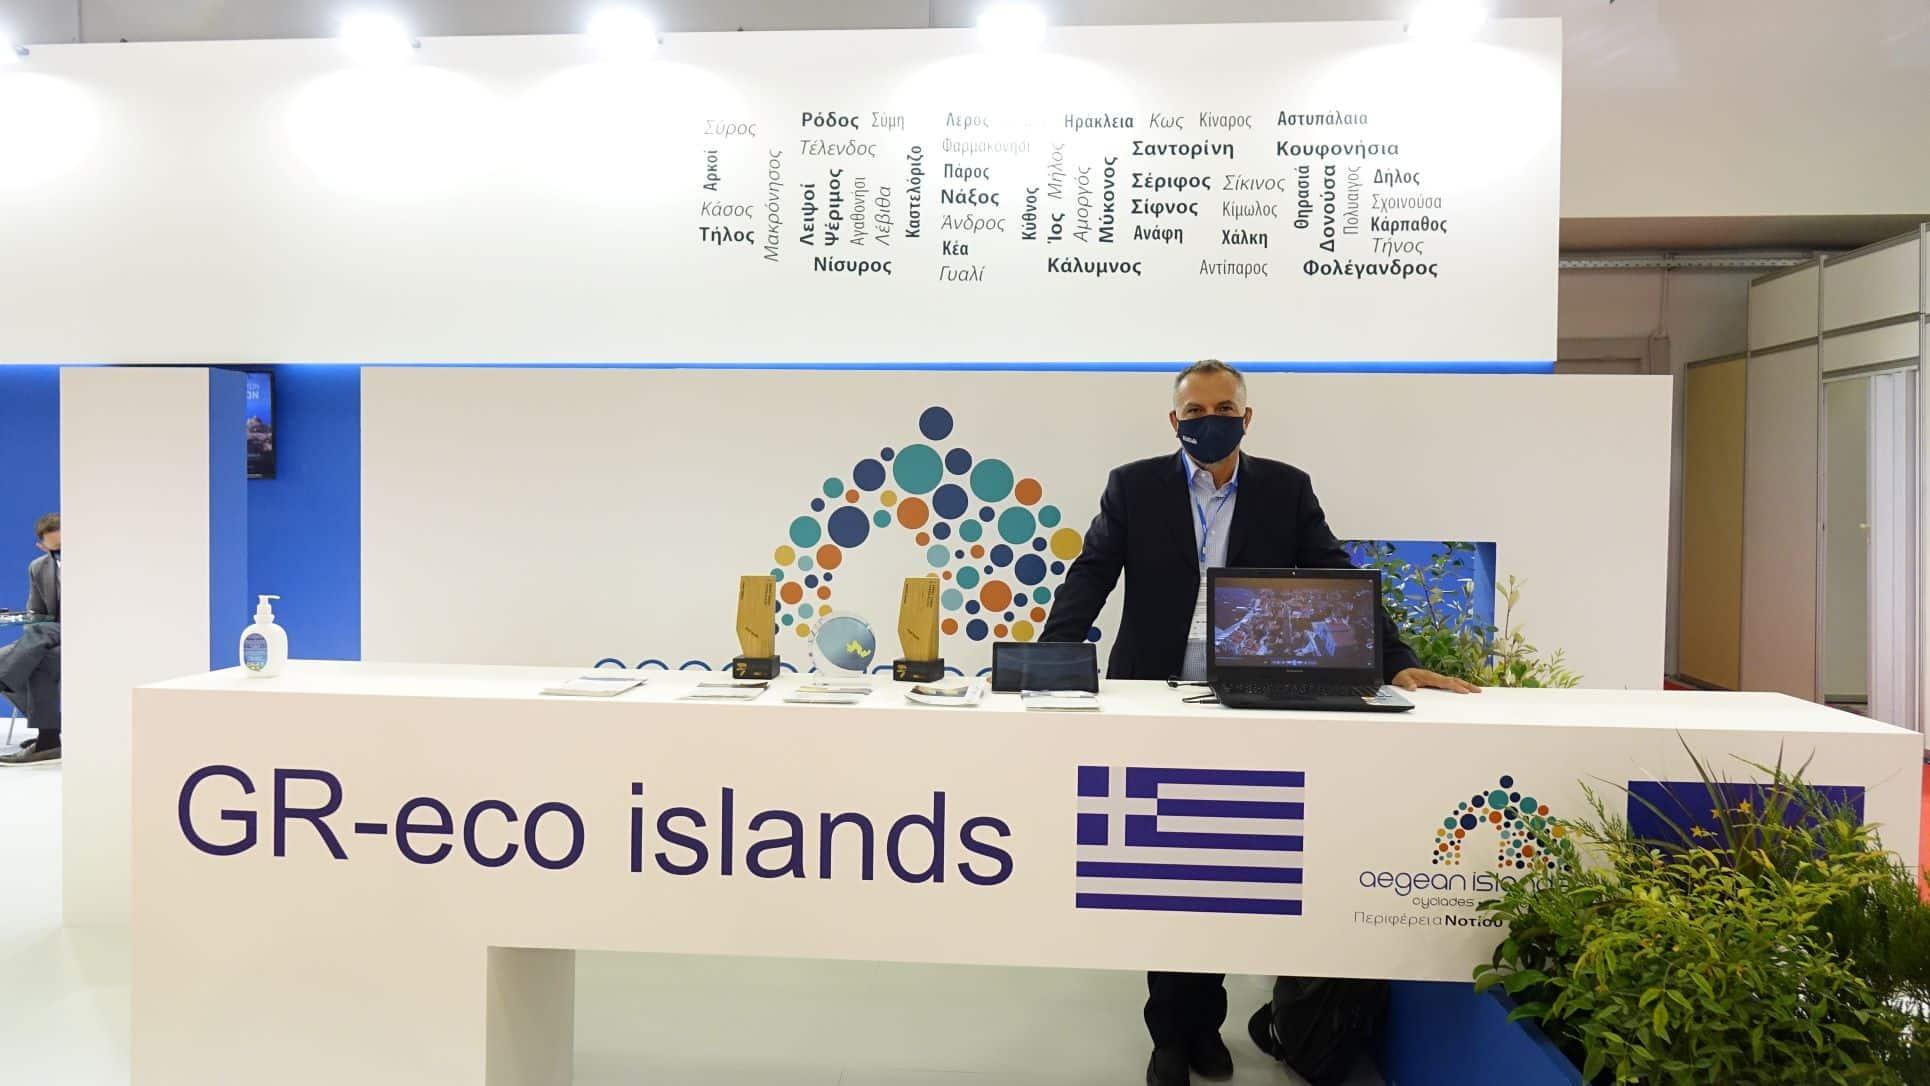 """Εγκαίνια περιπτέρου της Περιφέρειας Νοτίου Αιγαίου στη ΔΕΘ - Γ. Χατζημάρκος:""""Το 2021 είναι η πρώτη φορά που η Περιφέρεια μας συμμετέχει με δικό της περίπτερο..."""""""